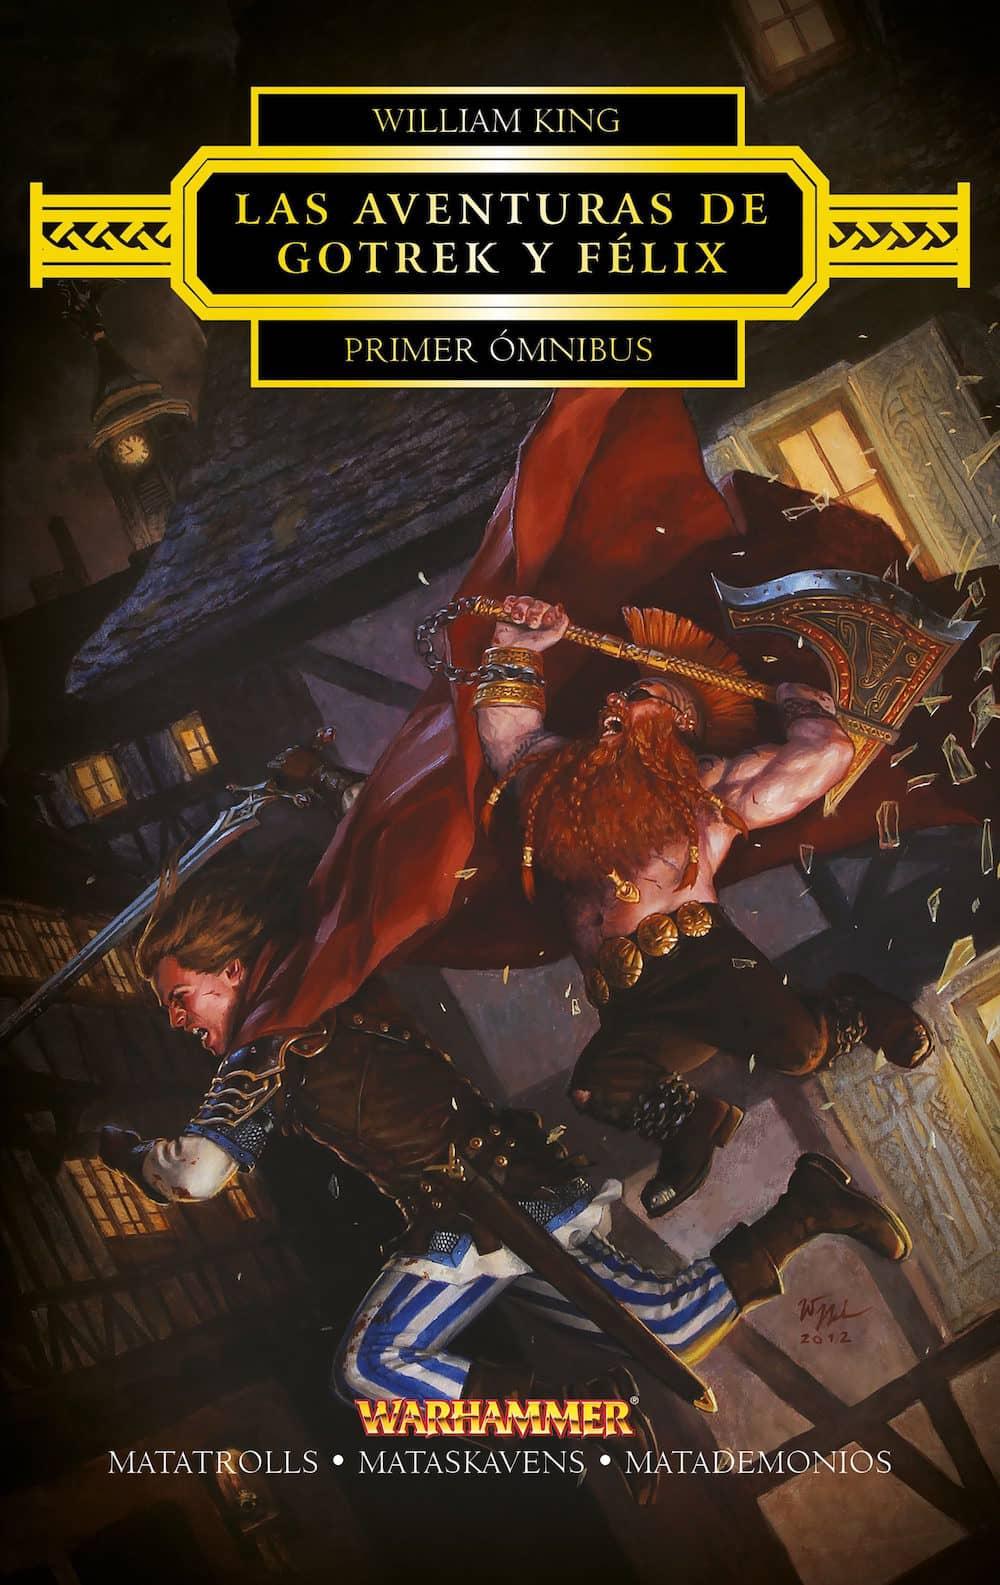 PRIMER OMNIBUS (LAS AVENTURAS DE GOTREK Y FELIX)